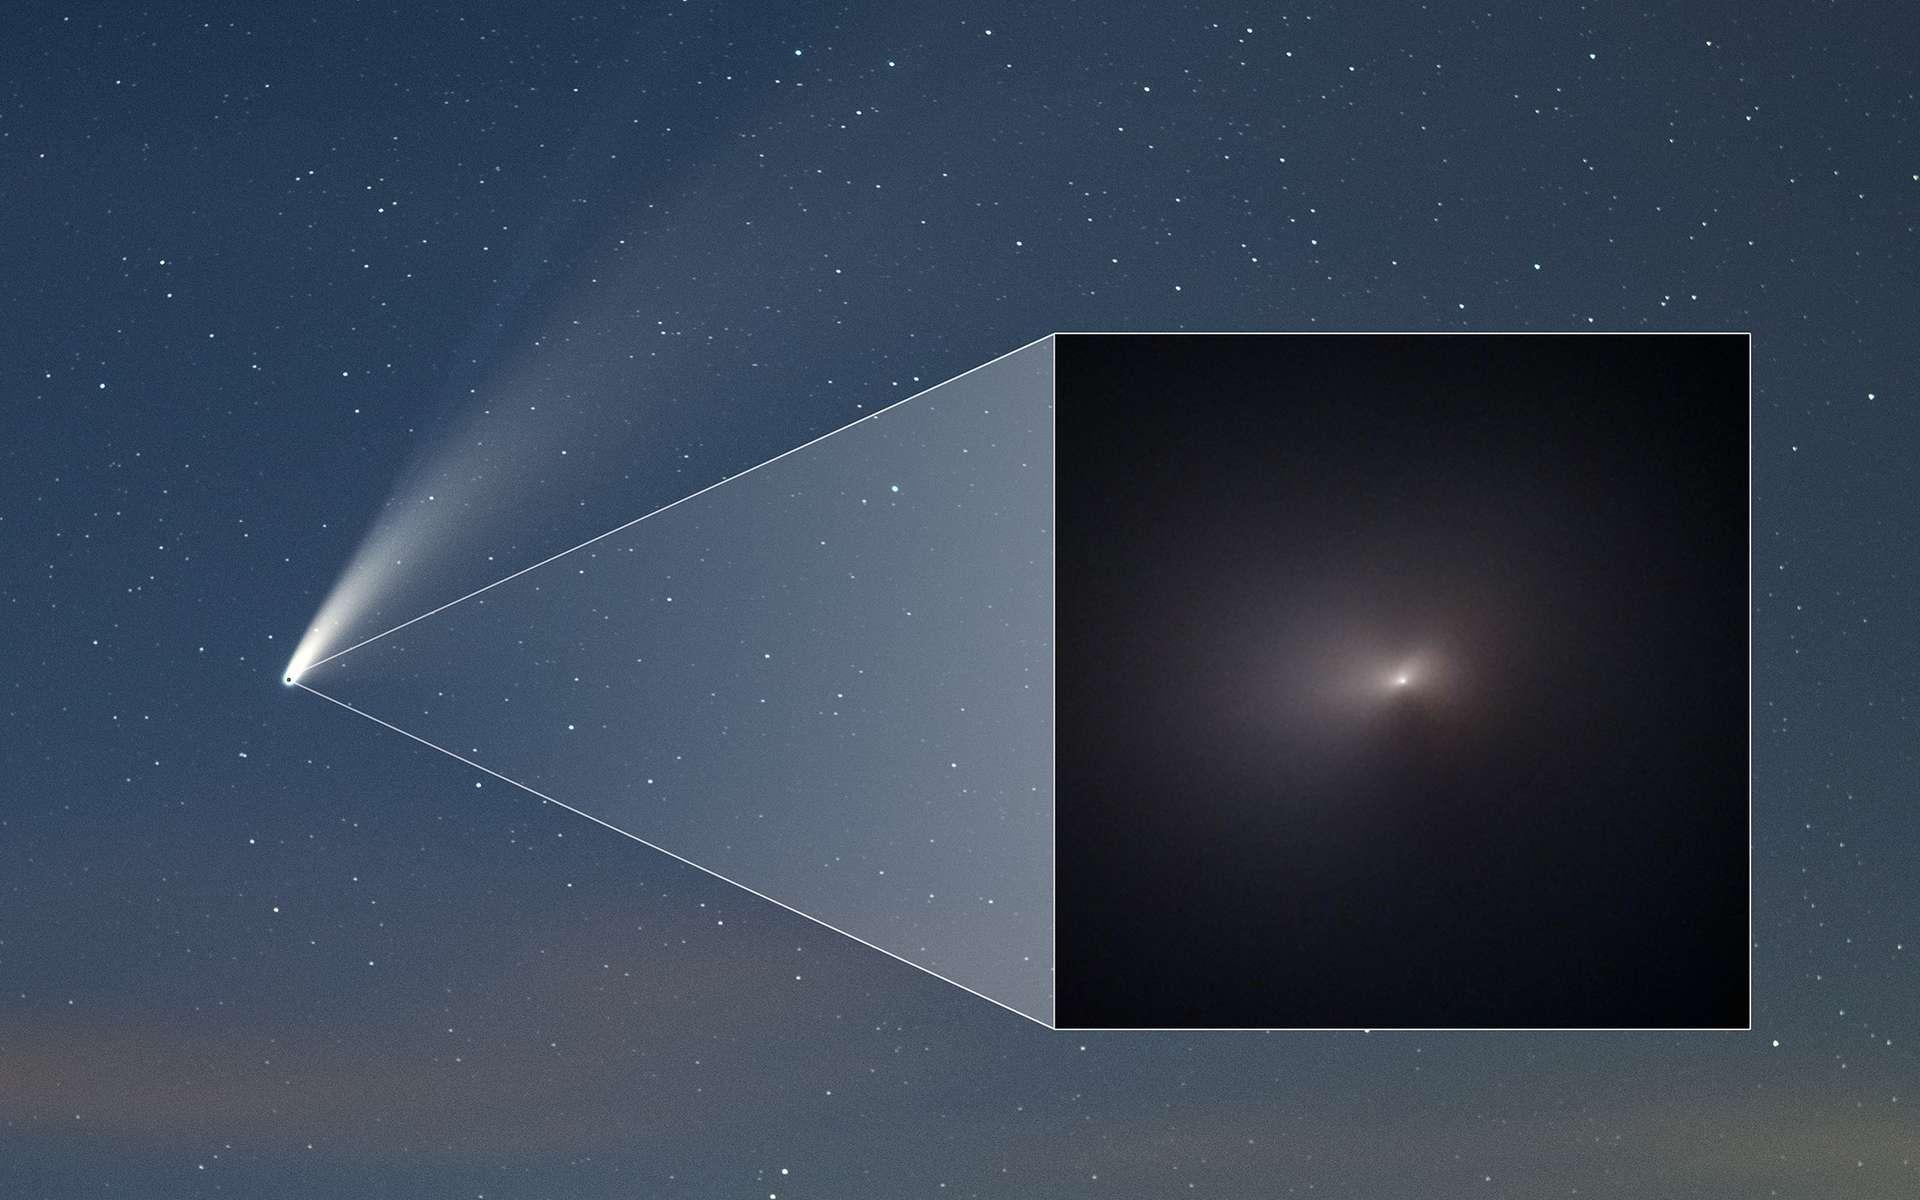 La comète Neowise photographiée depuis la Terre et dans l'encart, la région imagée par Hubble. © Nasa, ESA, STScI, Q. Zhang (Caltech), Z. Levay.